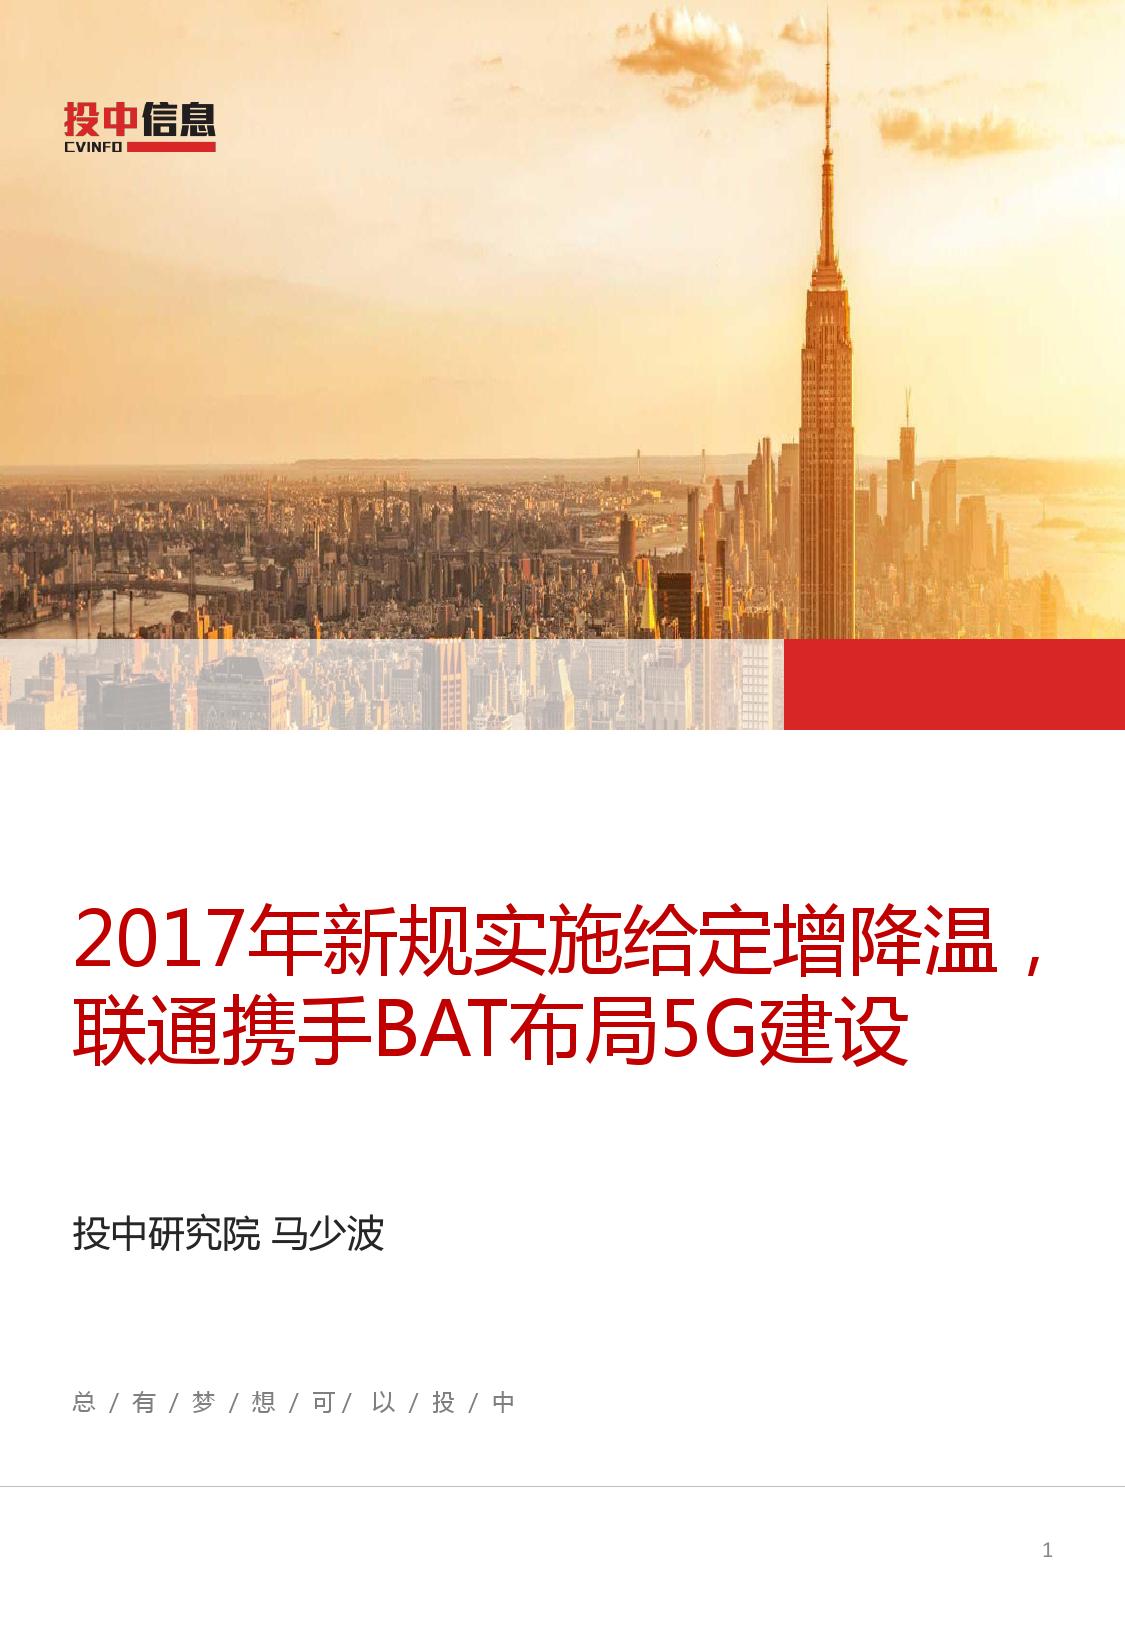 投中:2017年新规实施给定增降温,联通携手BAT布局5G建设(附下载)